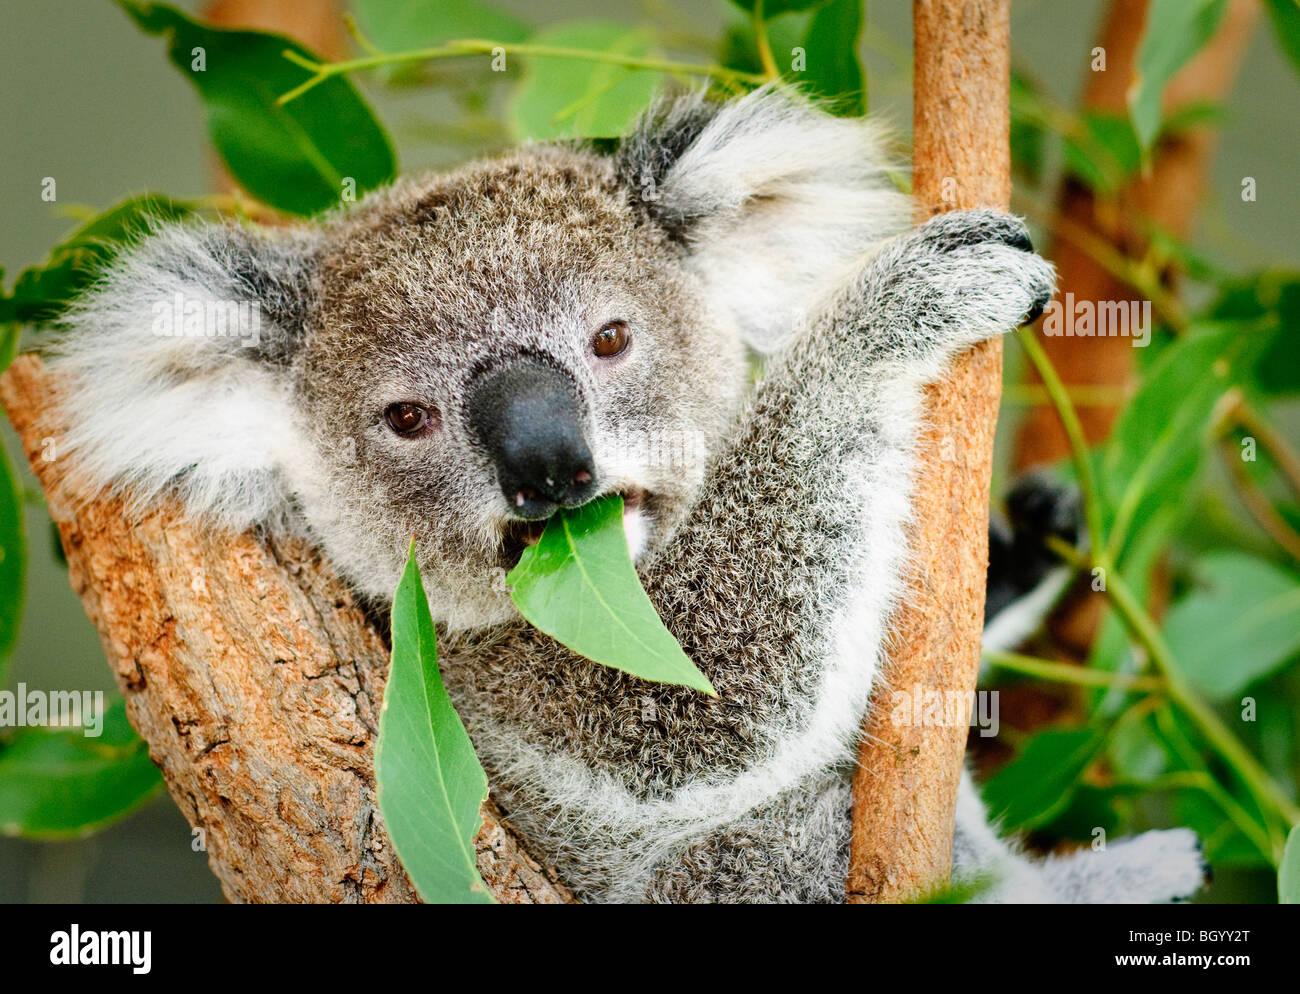 SYDNEY, Australien - Sydney, Australien - einen Koala in einem Baum essen eine Gummi Blatt und direkt auf die Kamera Stockbild